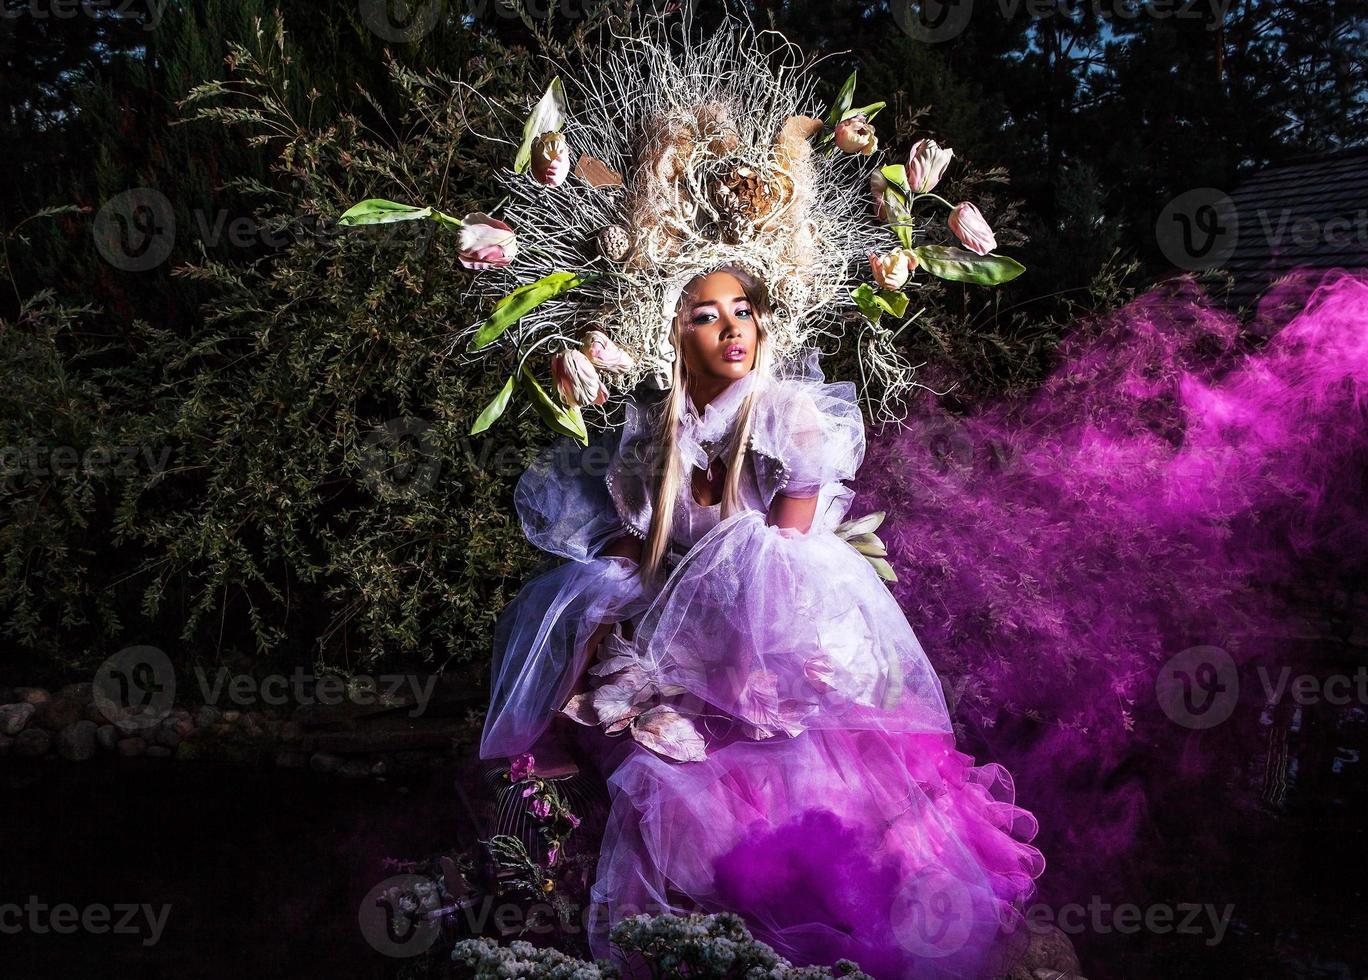 Modebild des sinnlichen Mädchens in der hellen Fantasie-Stilisierung. foto